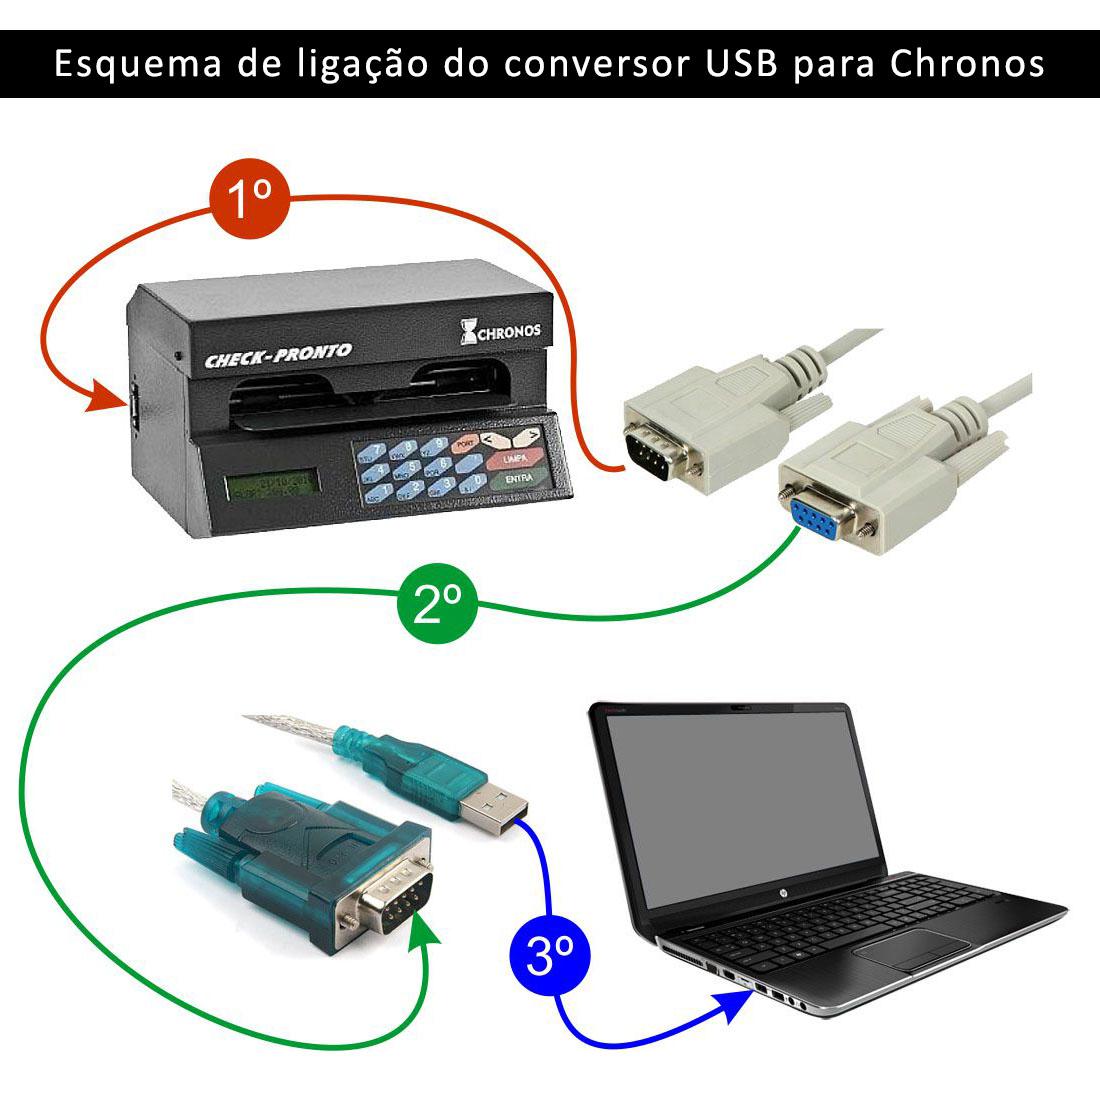 Impressora de Cheque CHRONOS MULTI 31100 / ACC300 Cinza Semi-Nova com conexão serial ao computador